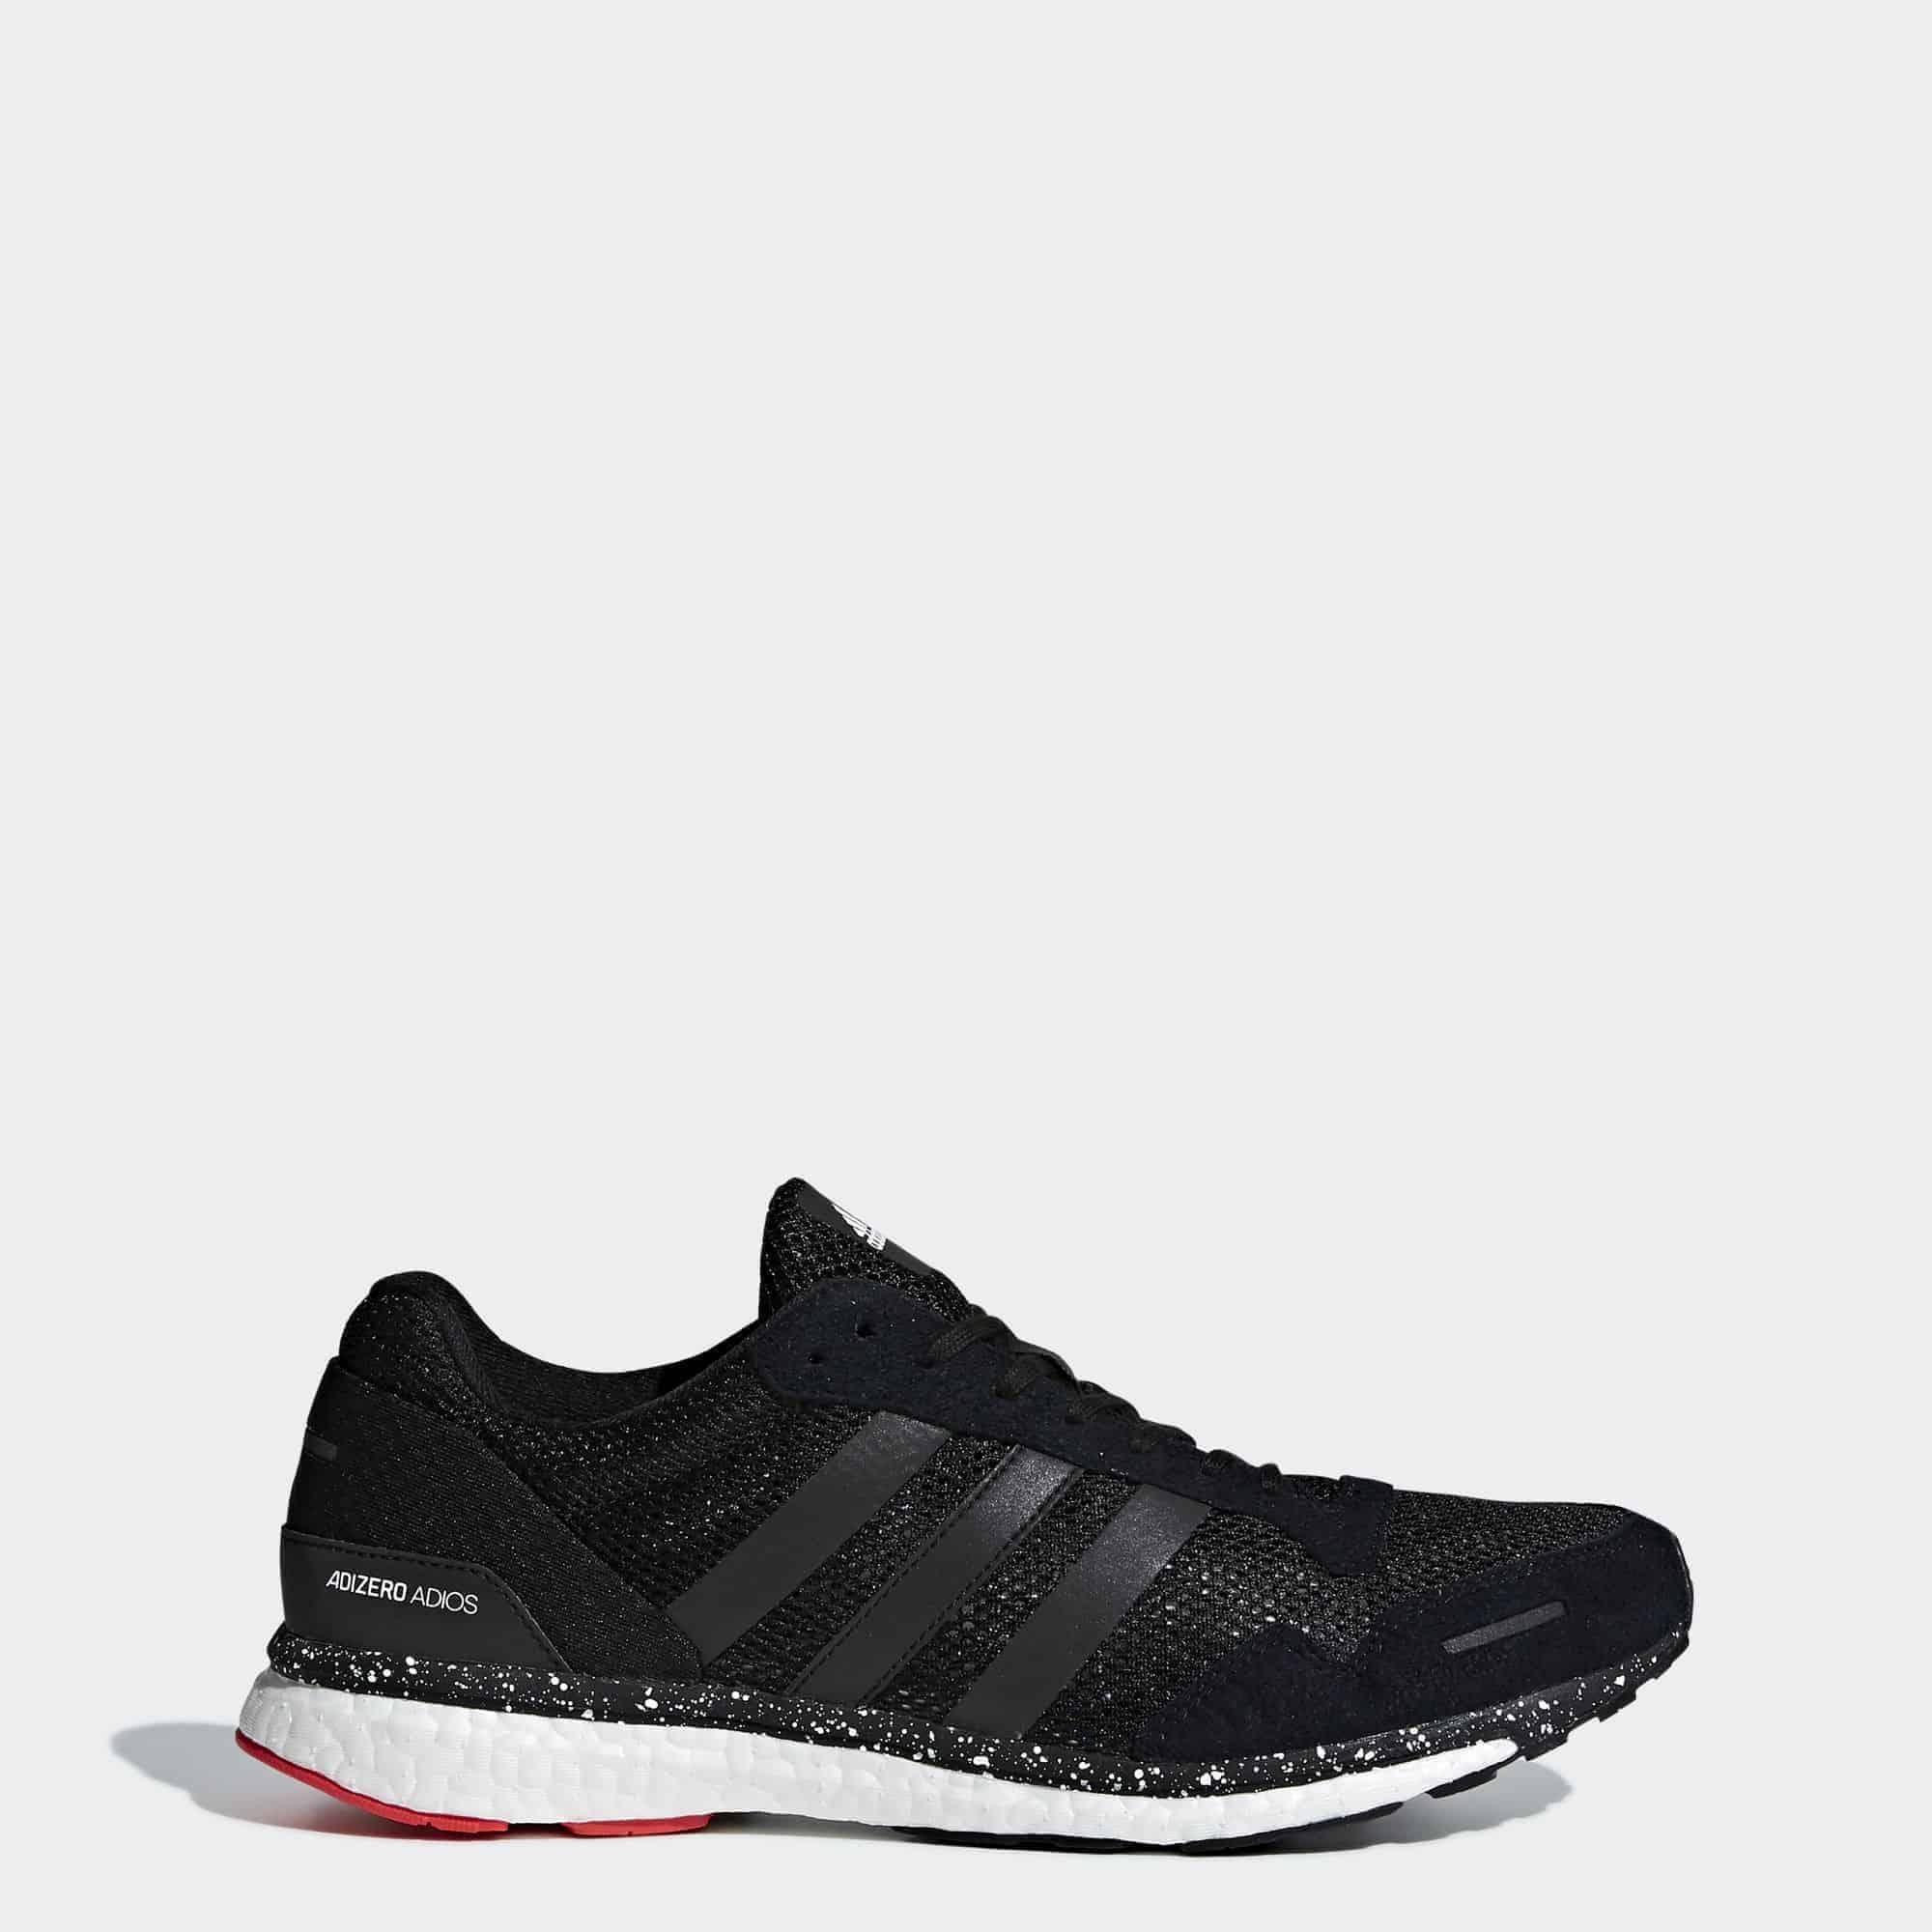 Кроссовки для бега Adidas Adizero Adios 3 мужские